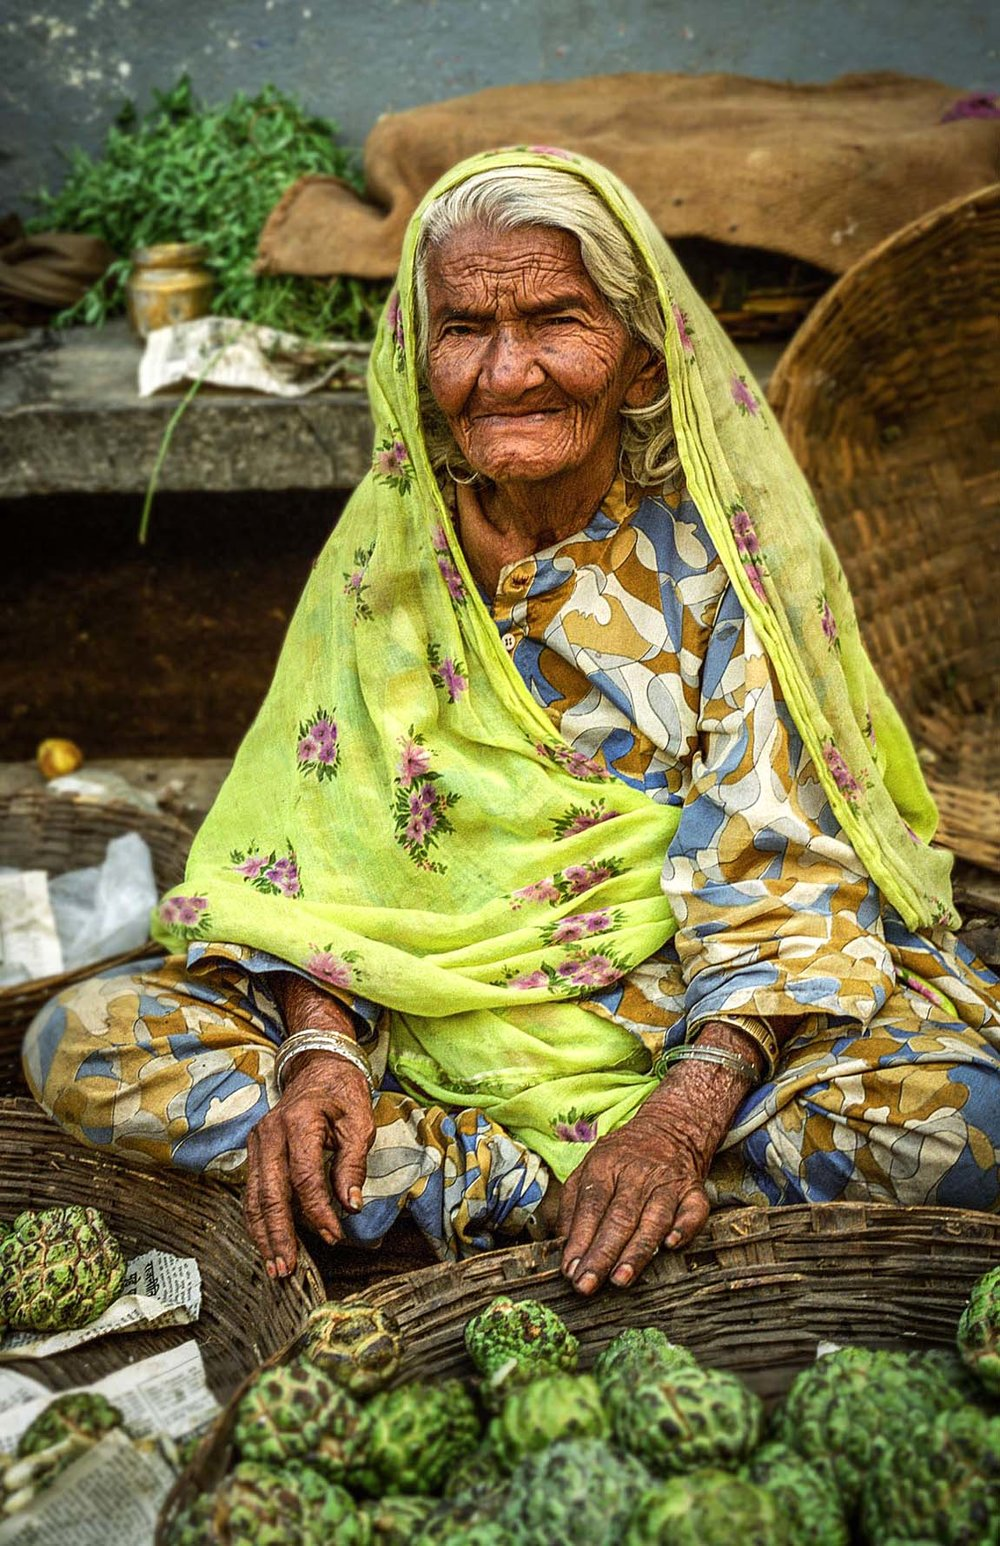 Seller in Udaipur market